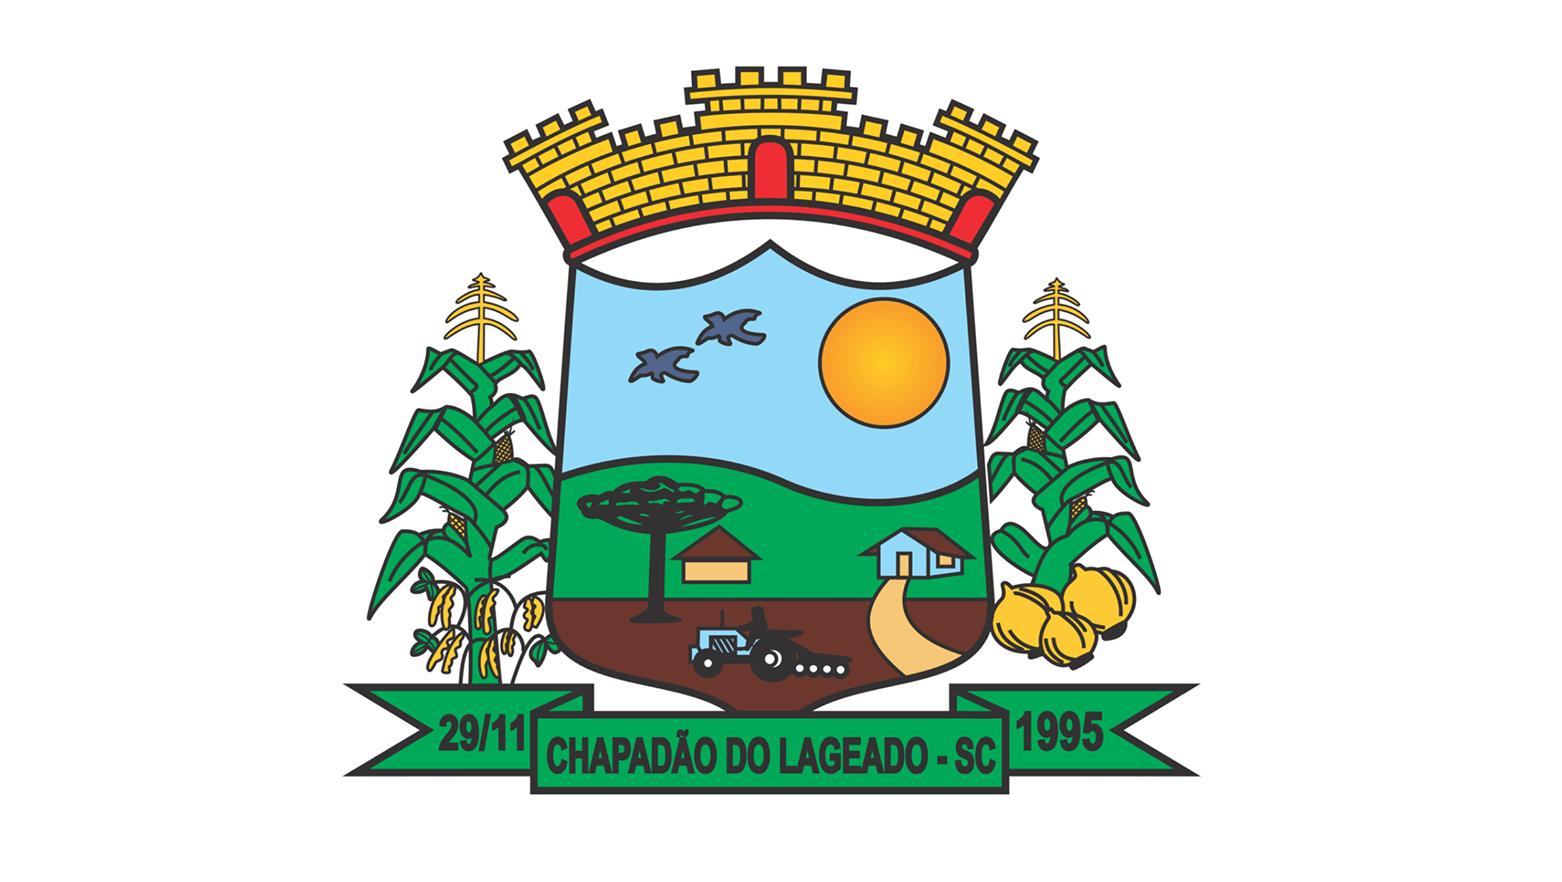 Administração de Chapadão do Lageado quer concluir obra no mirante da cidade